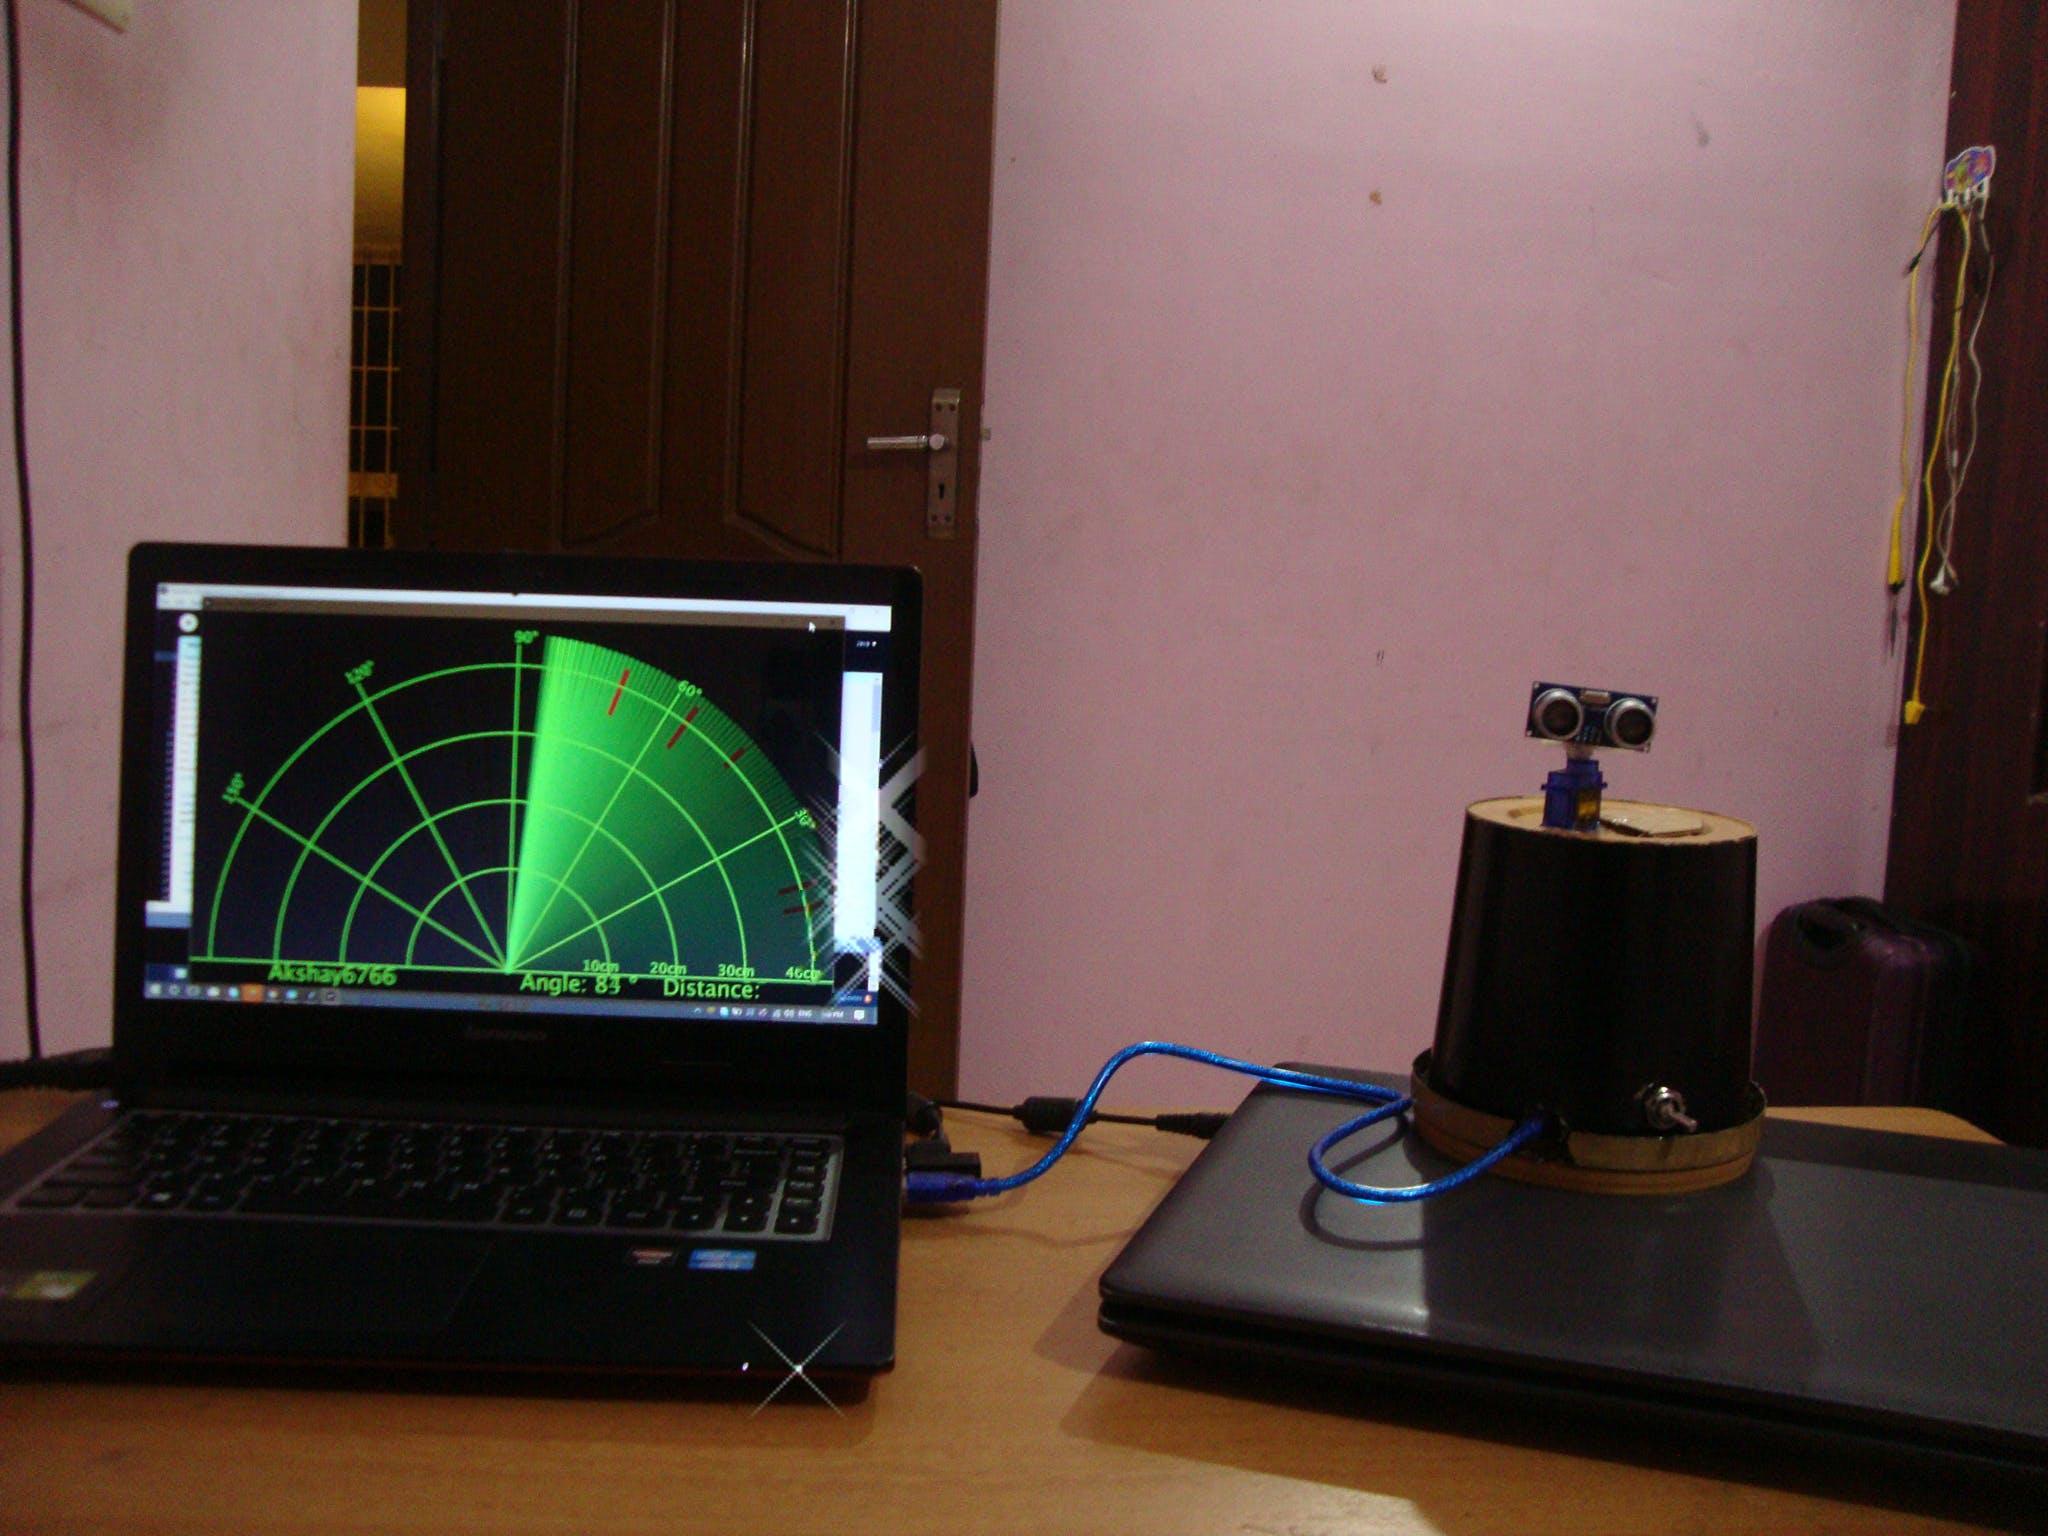 Aurdino Radar With Processing